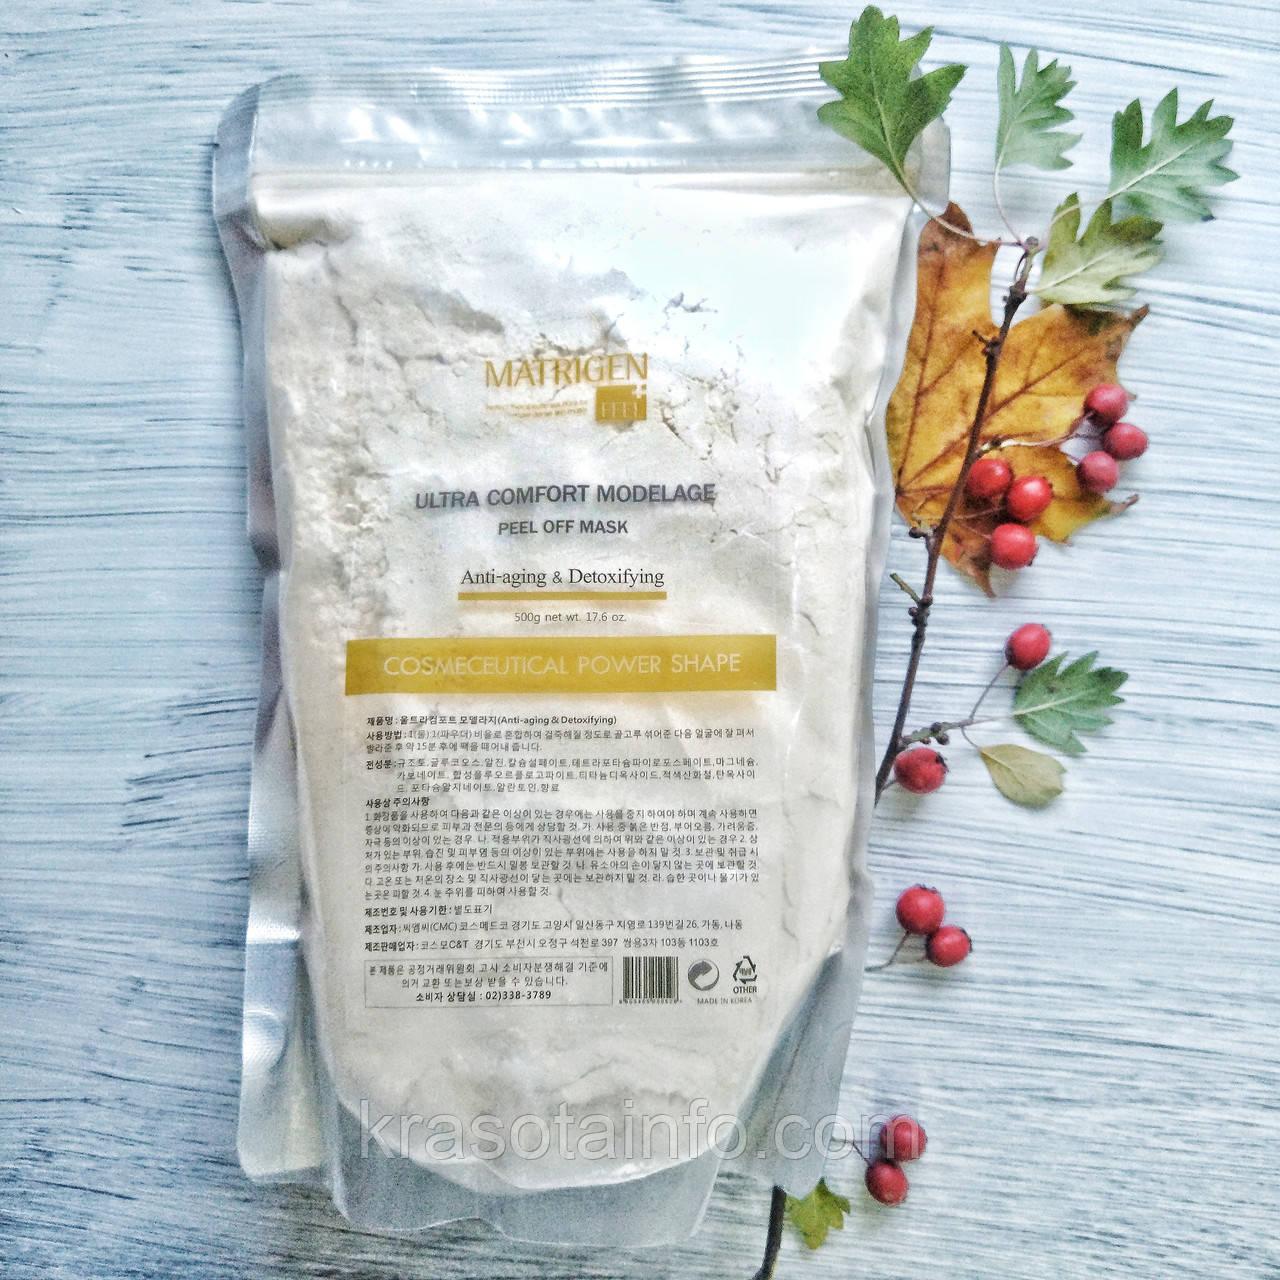 Альгинатная маска антивовозрастная для лица Anti-aging & Detoxifying Matrigen, Корея 500 грамм